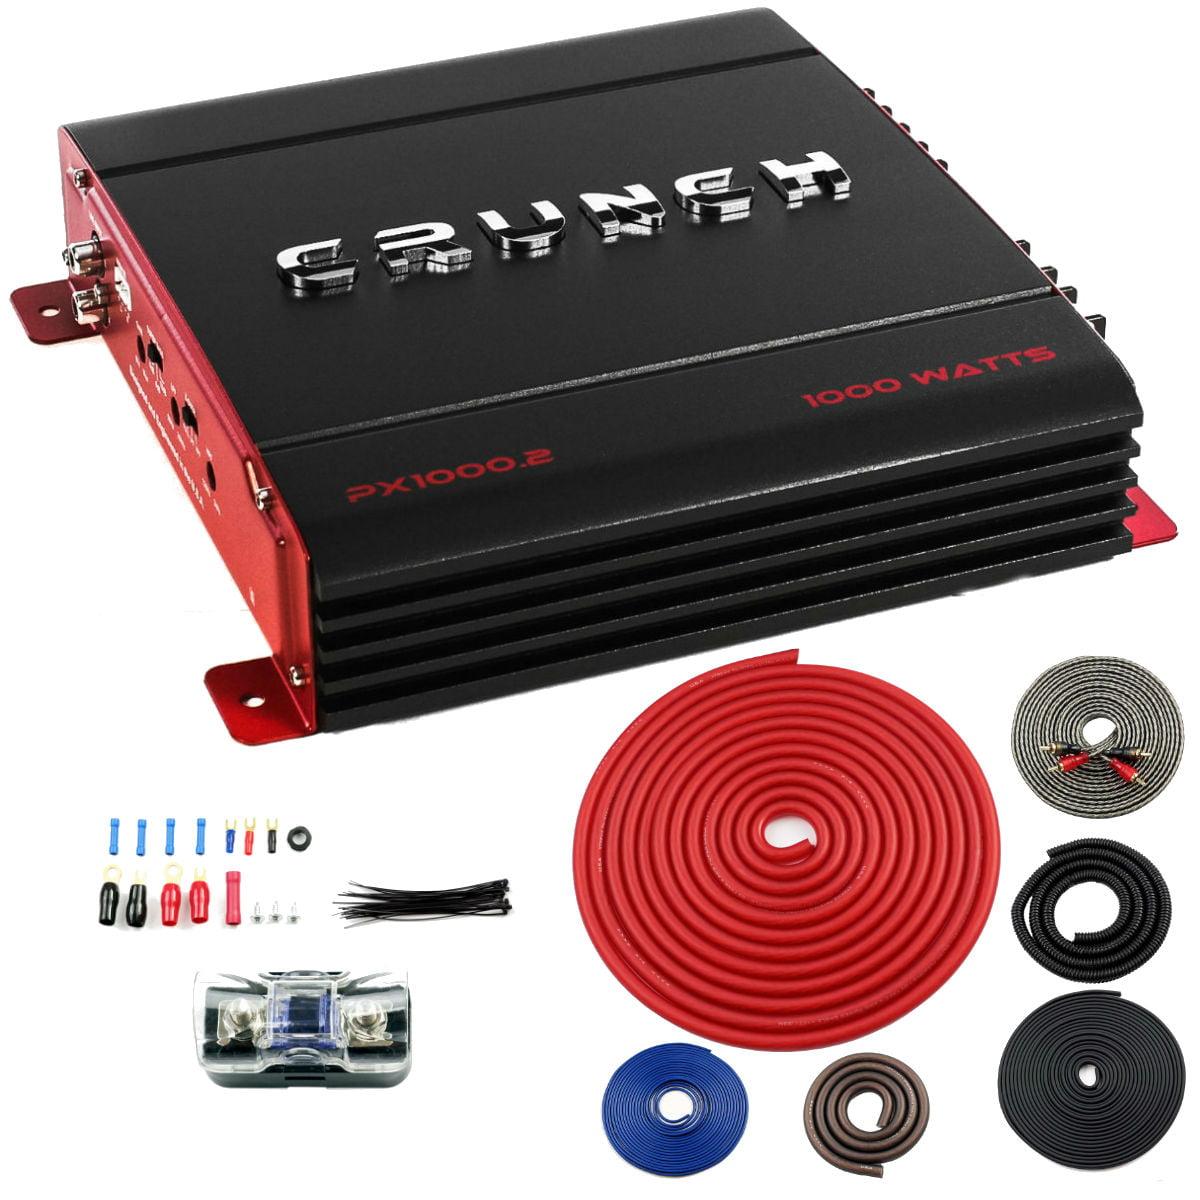 New Crunch PX-1000.2 2 Channel 1000 Watt Amp A/B Class Amplifier + 4 Gauge Kit